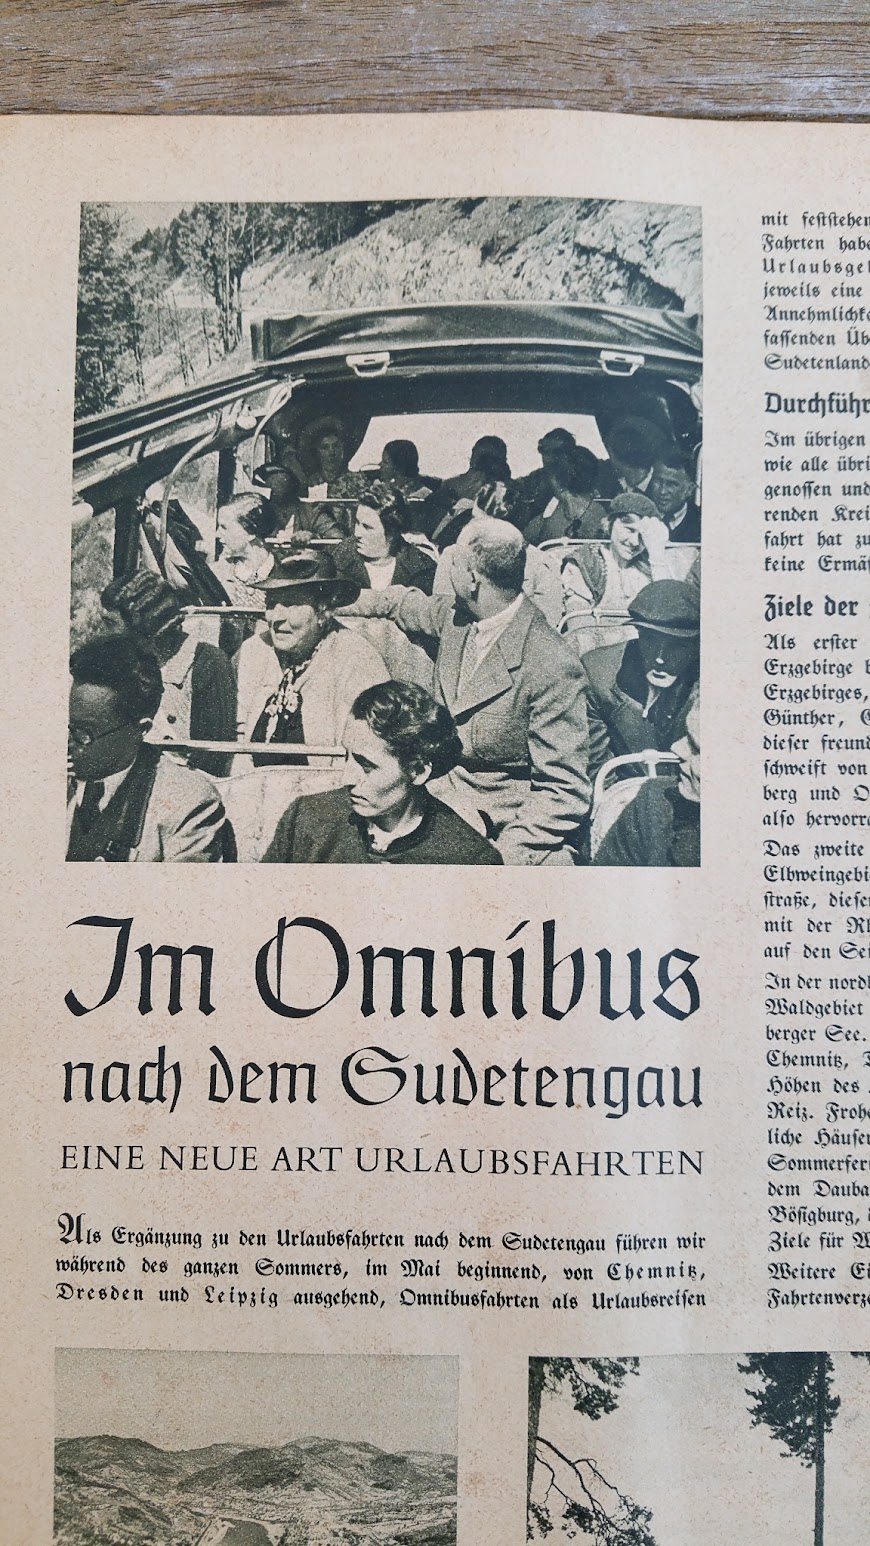 """Die Deutsche Arbeitsfront - Urlaubsfahrten 1939 - NS-Gemeinschaft """"Kraft durch Freude"""" Gau Sachsen - Katalog - Sudetengau"""